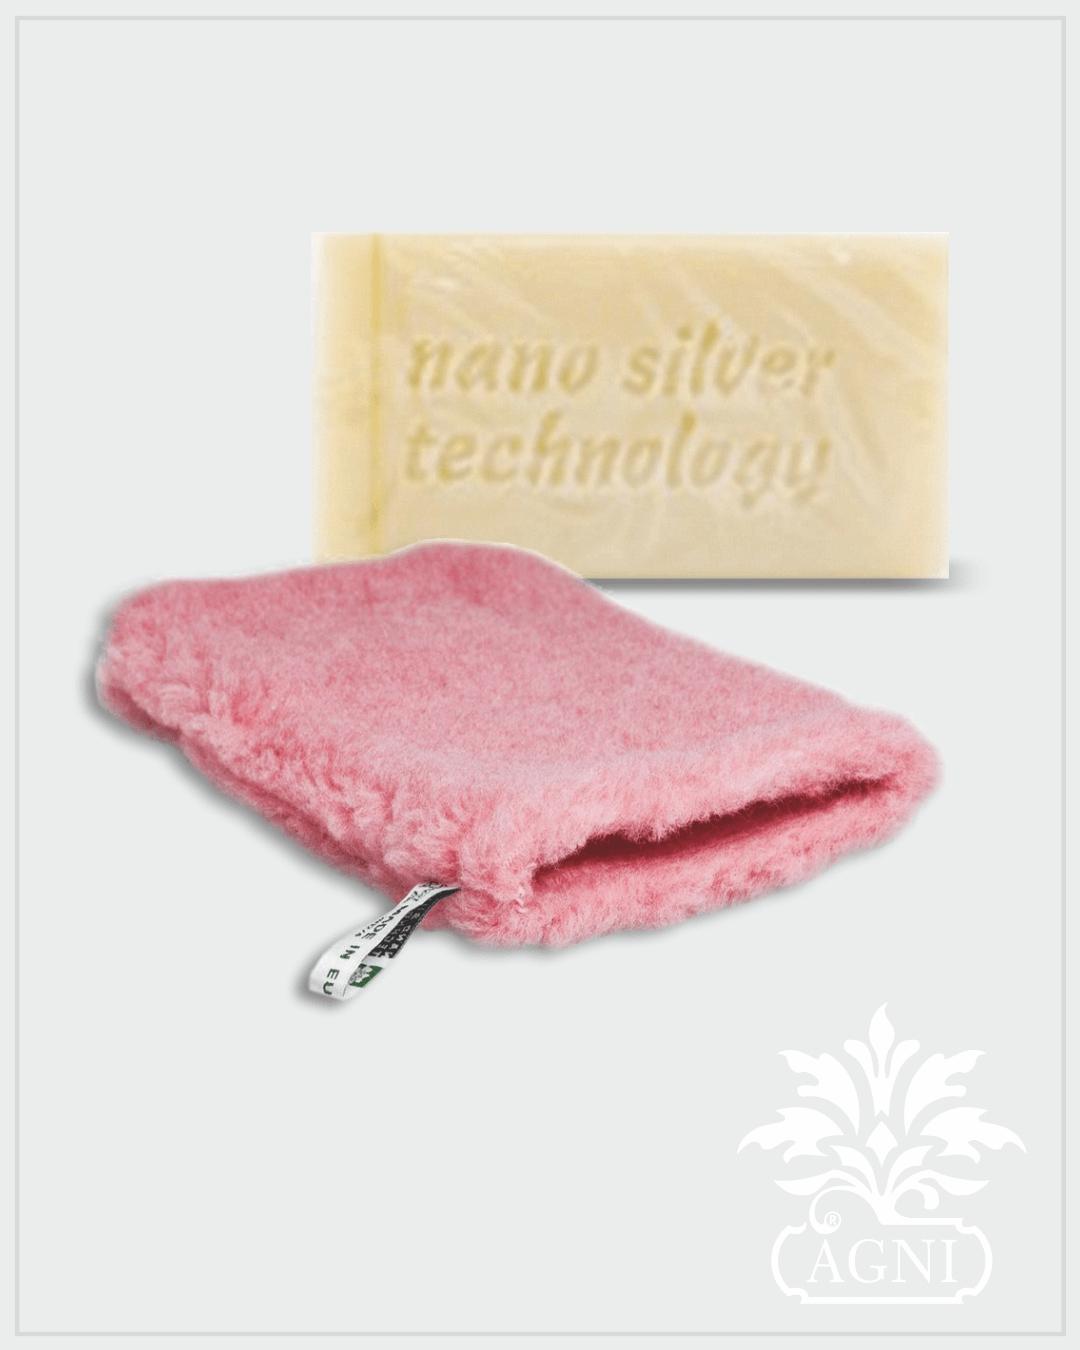 Raypath nano silver rinkinys su natūraliu muilu ir ROŽINE šluoste – pirštine valymui sausu būdu